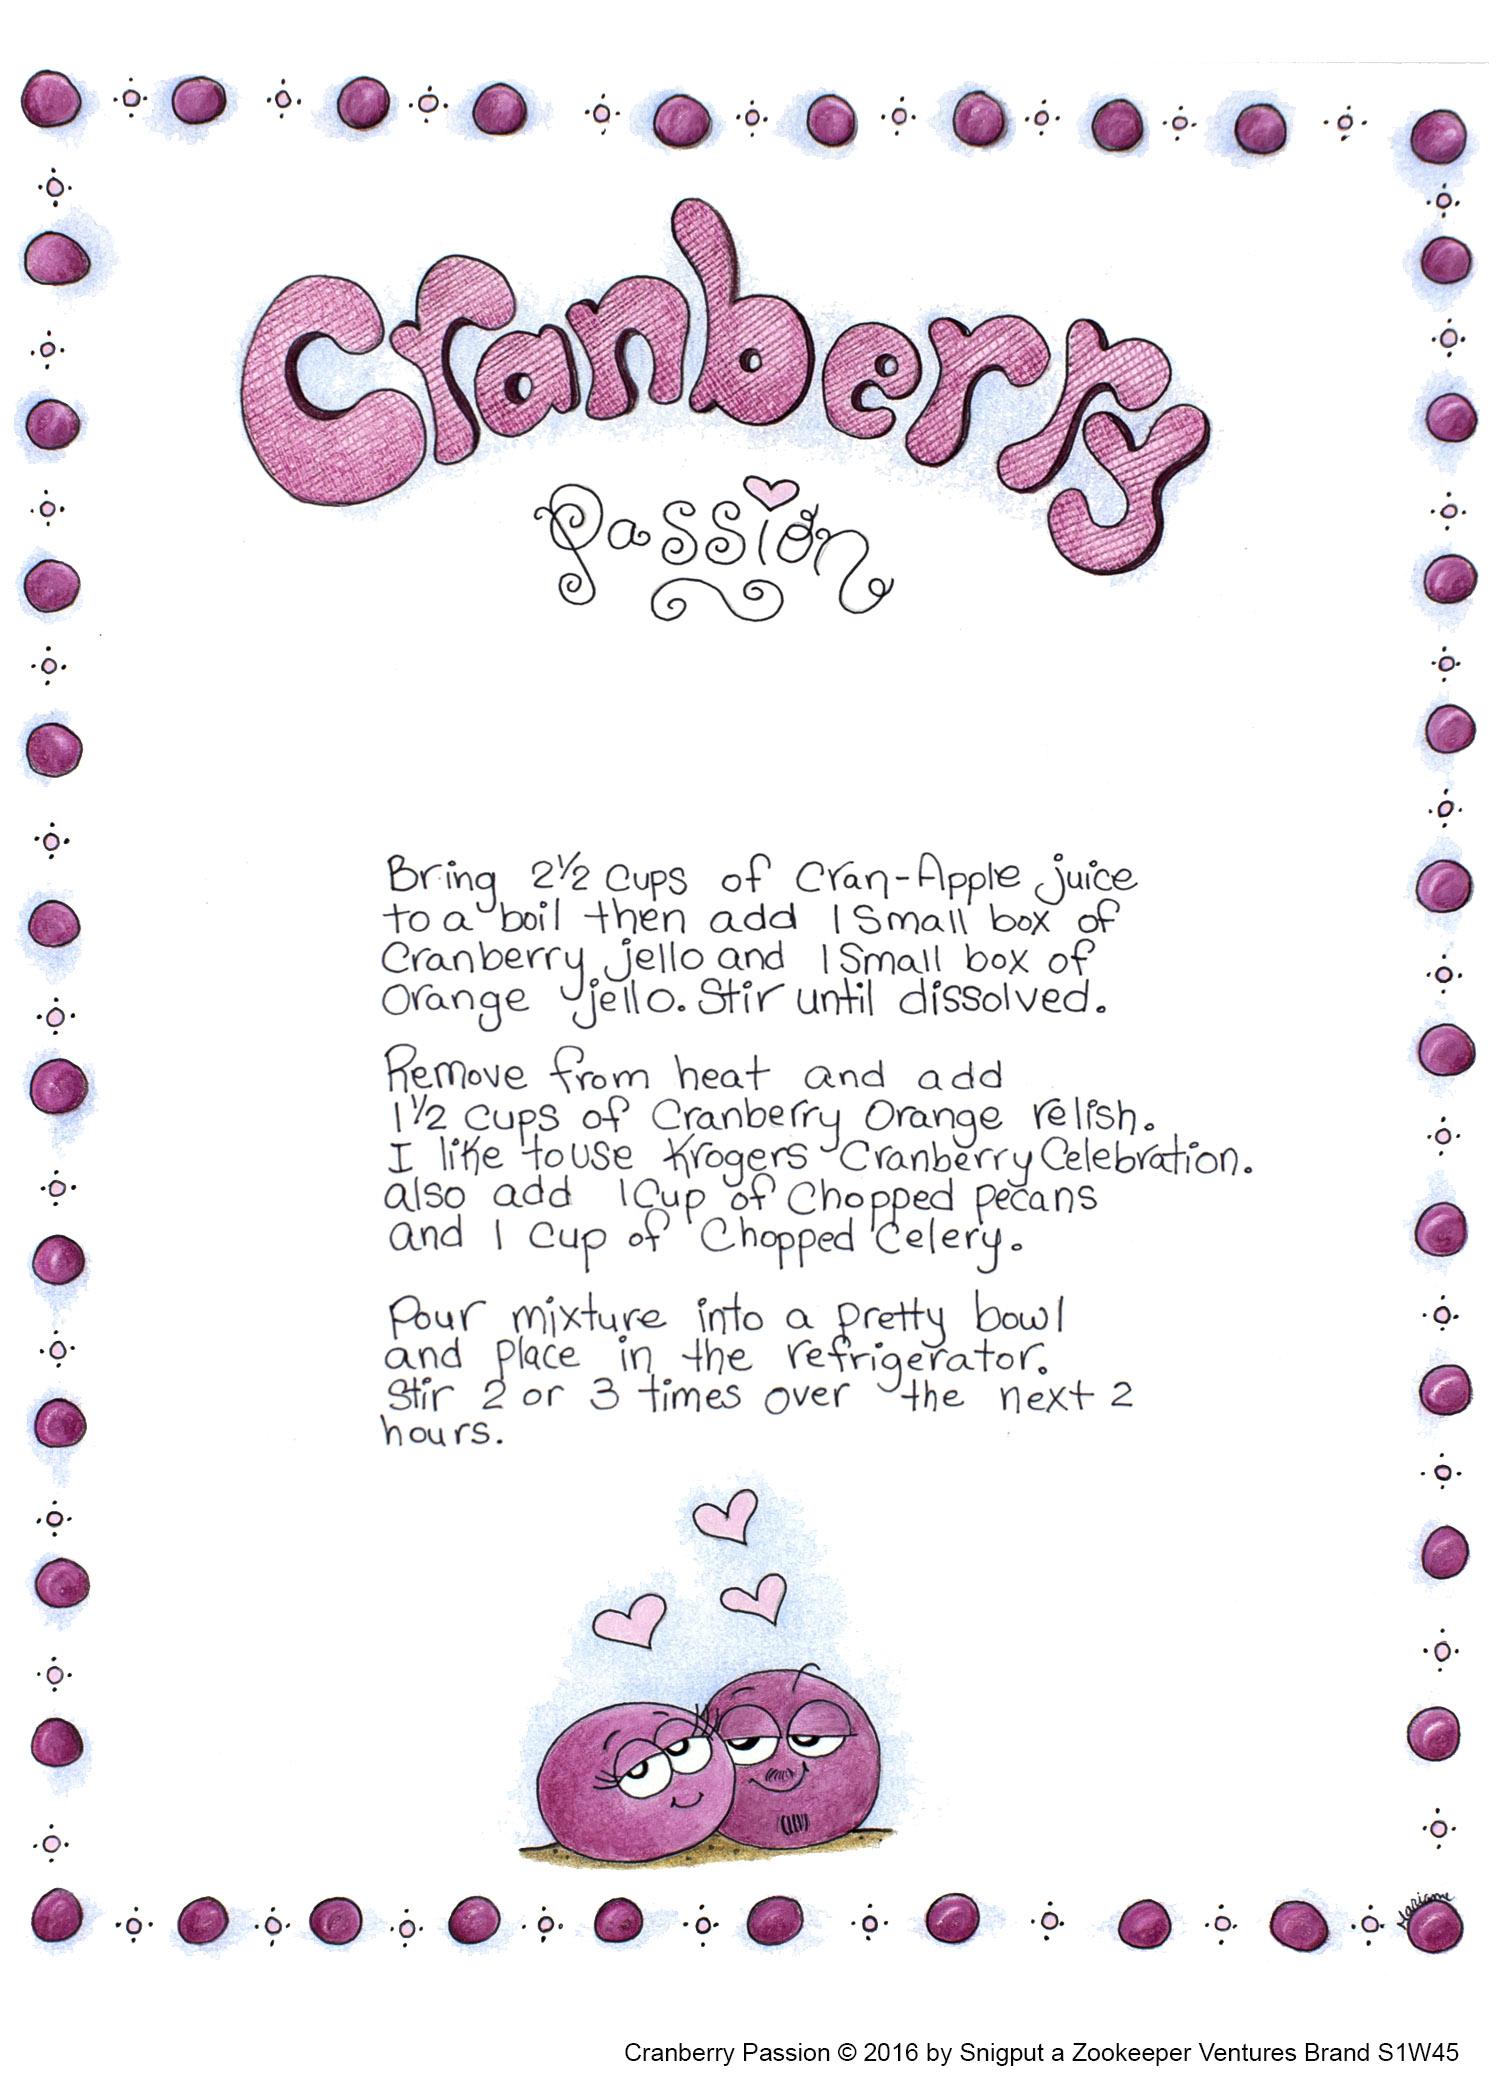 cranberry-passion